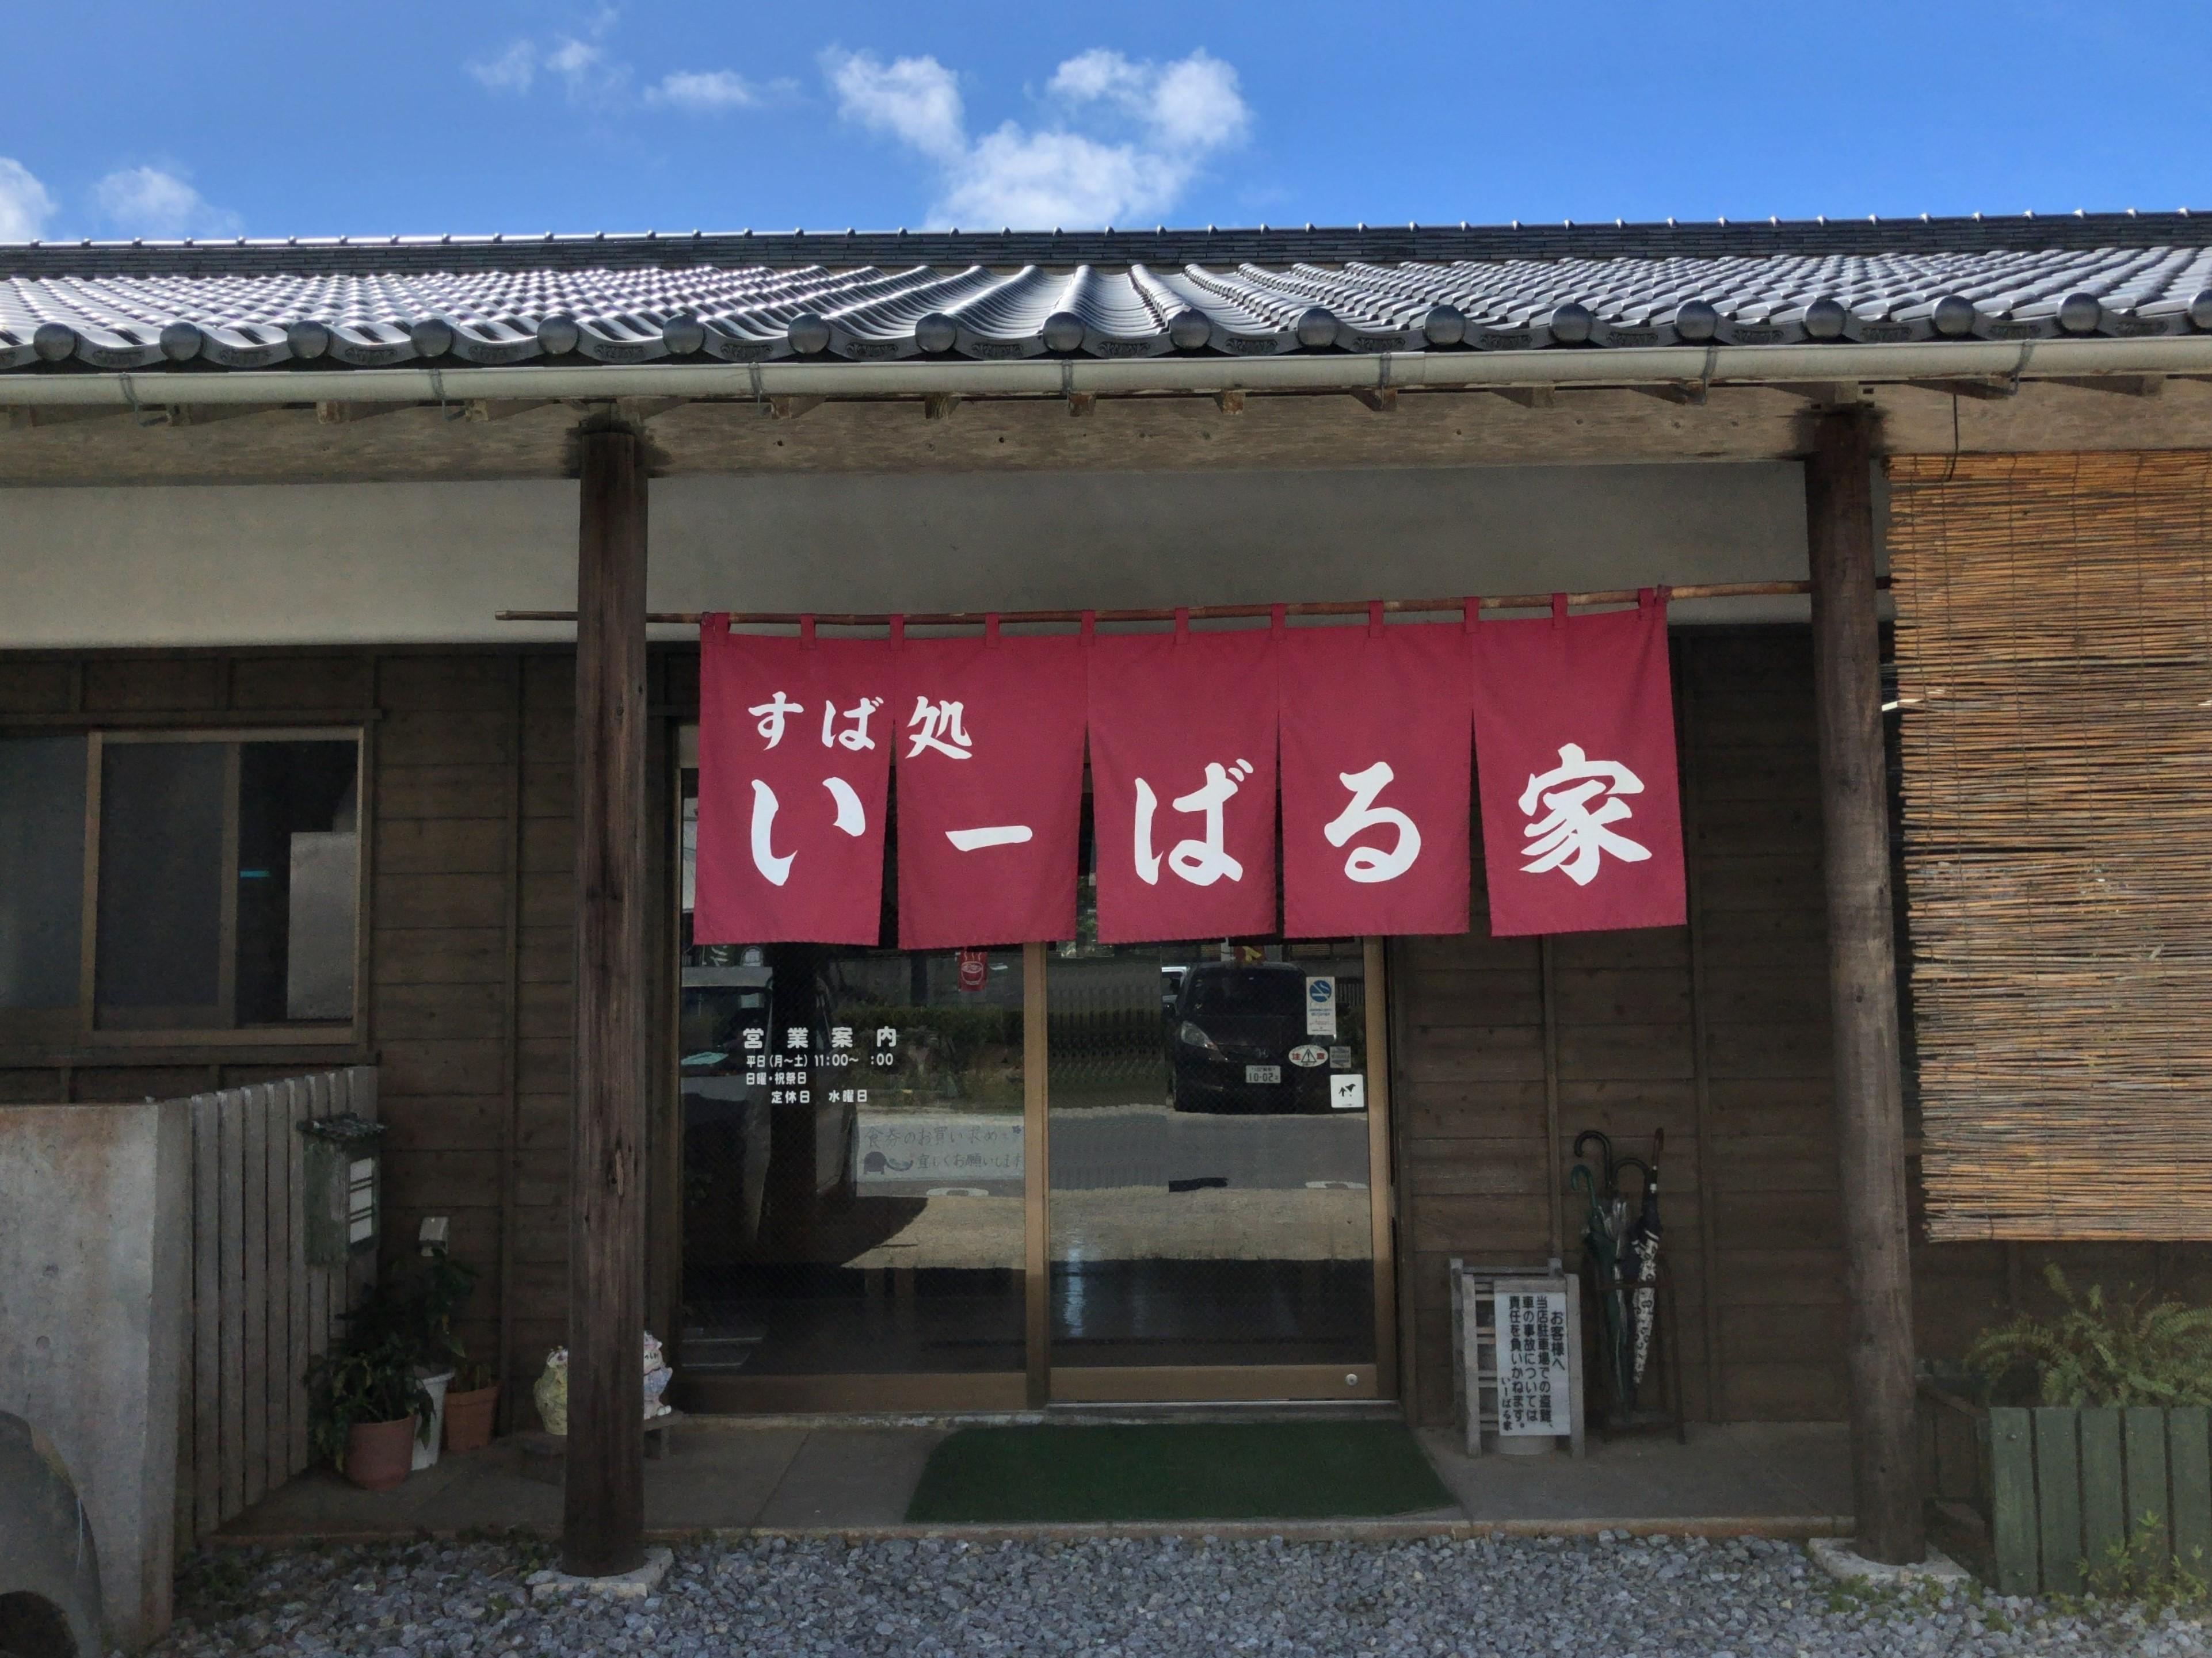 糸満市『いーばる家』ザ・沖縄そば屋って雰囲気の店